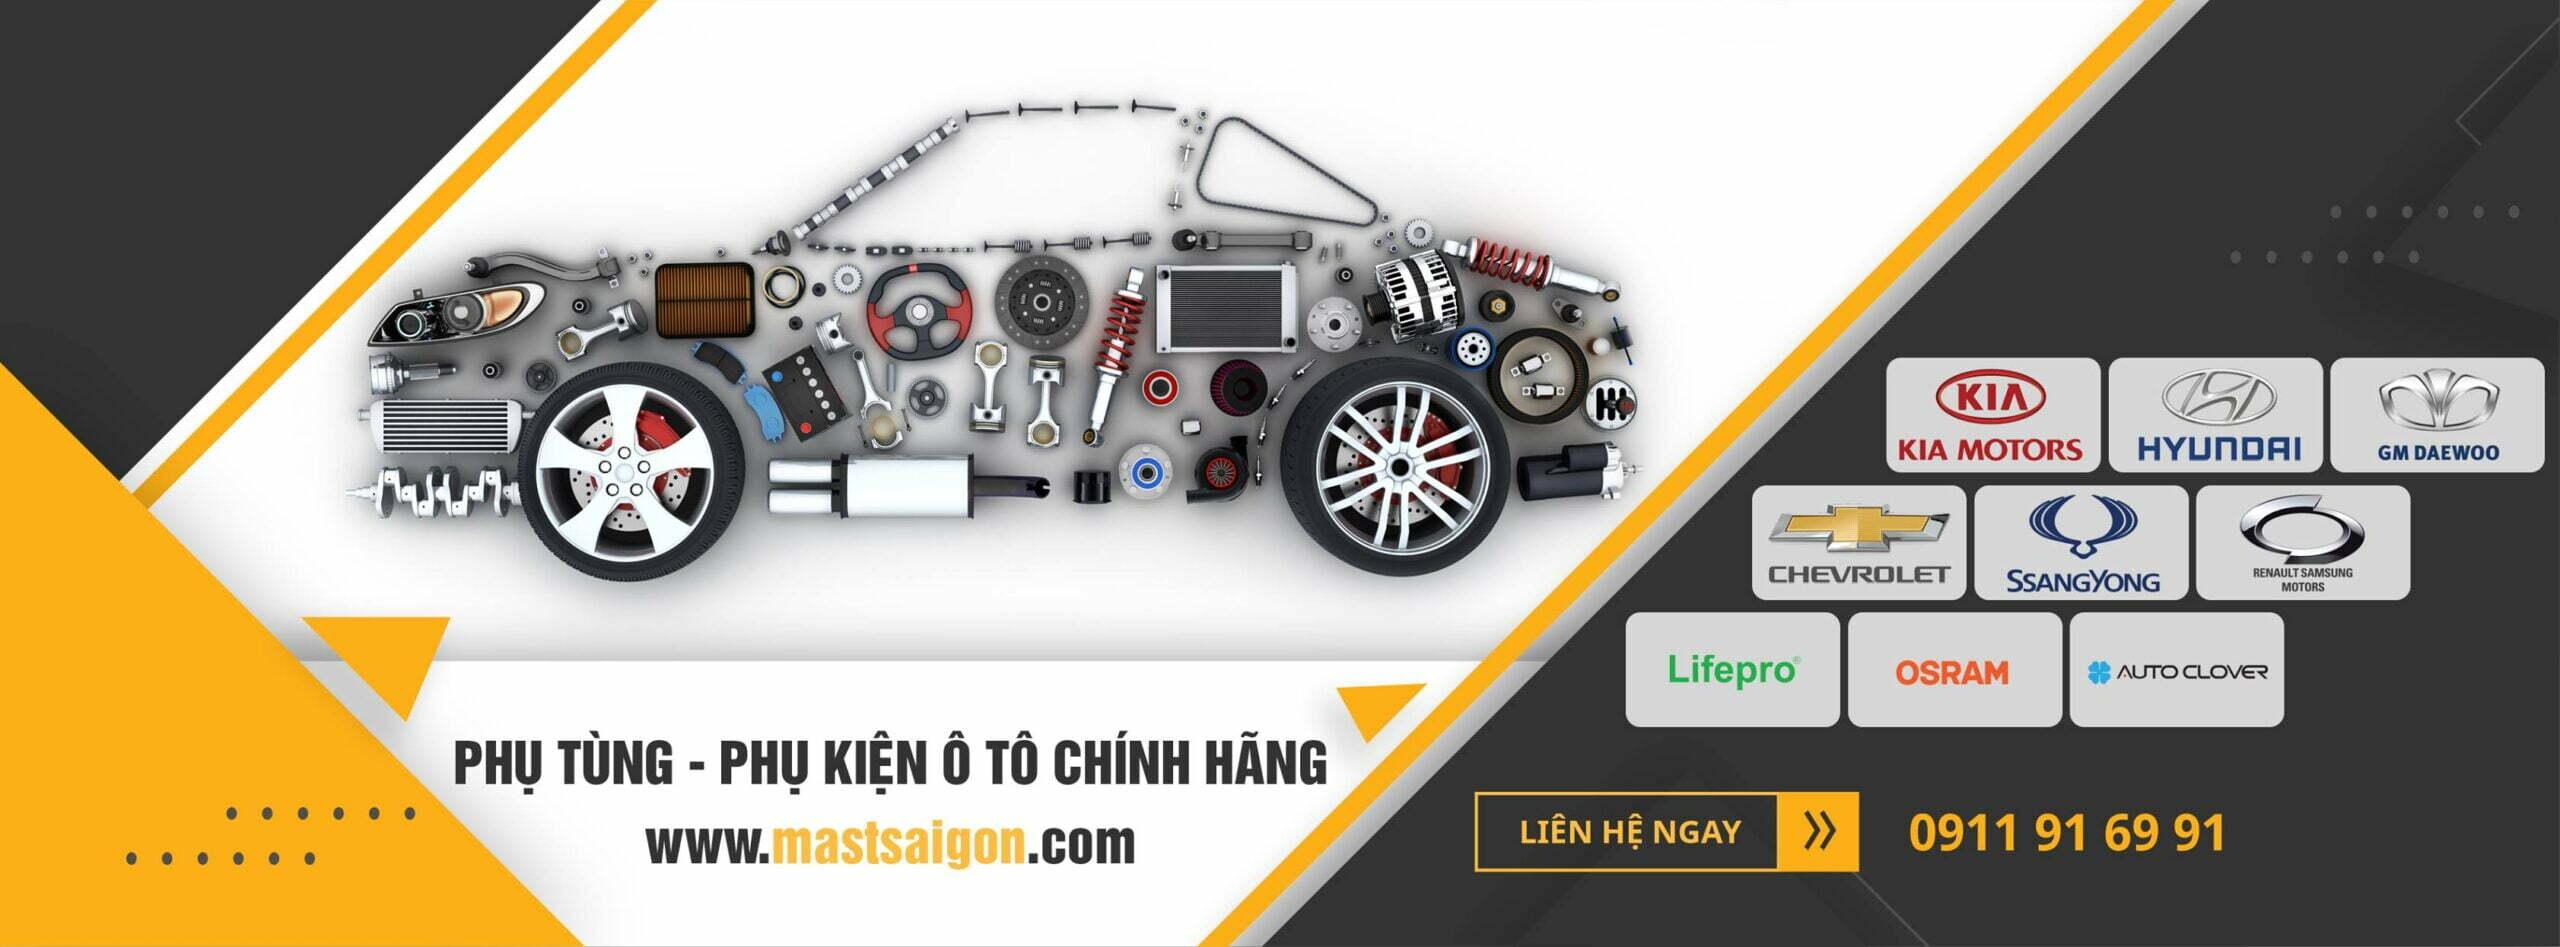 Đến với Mast bạn có cơ hội được trải nghiệm những sản phẩm và dịch vụ tốt nhất